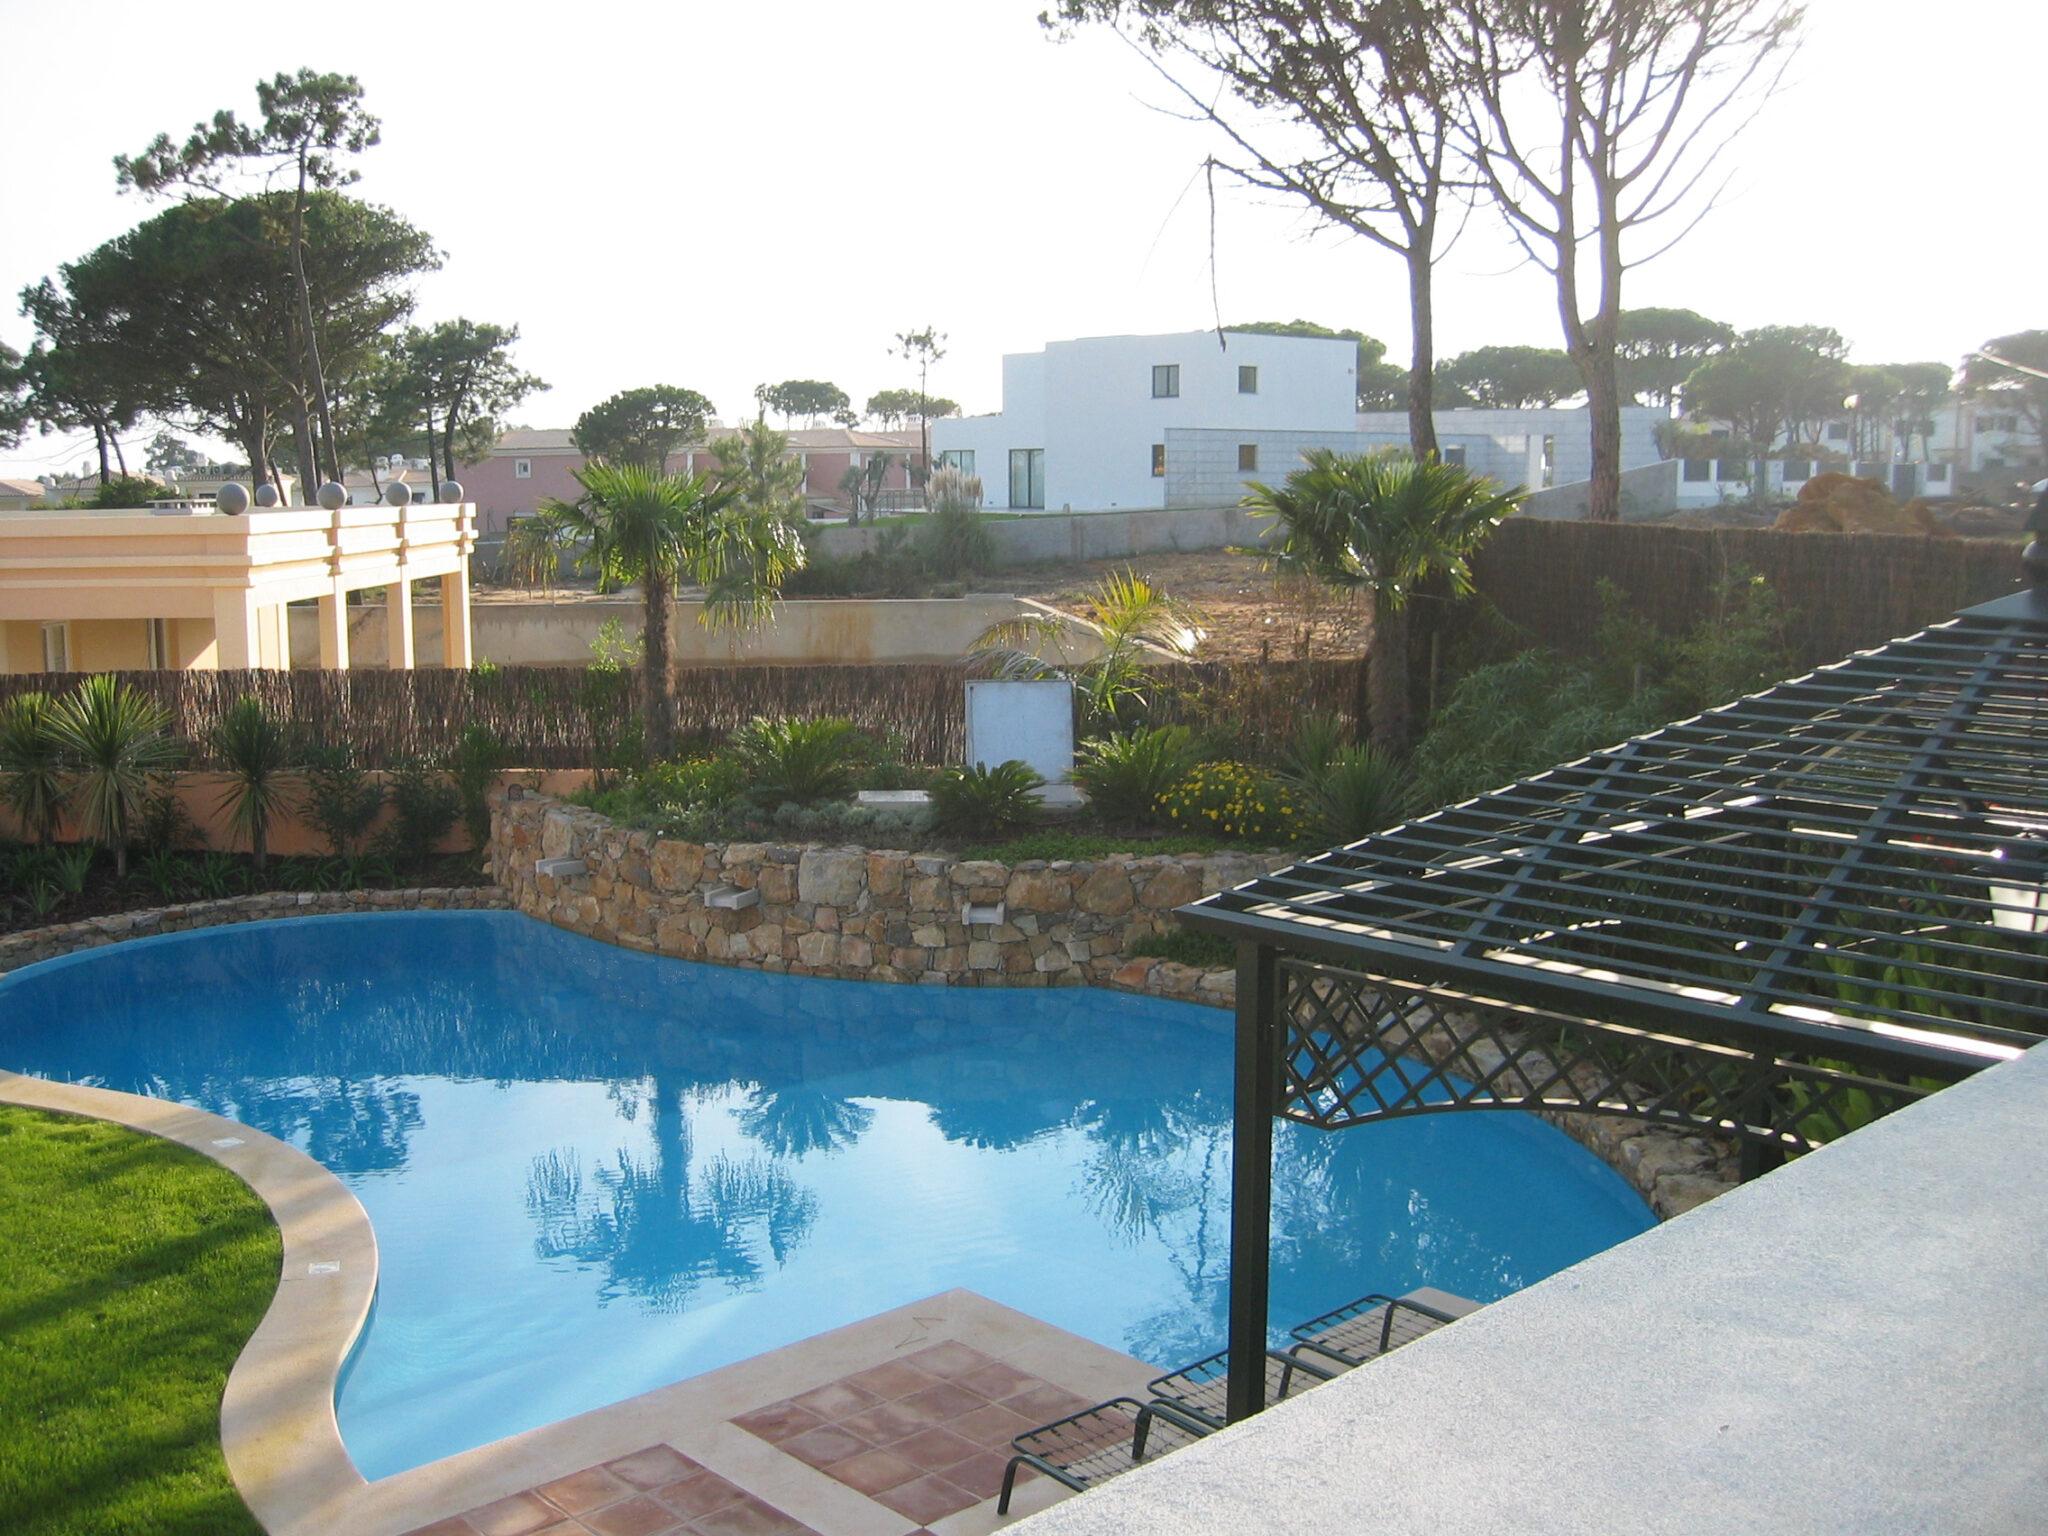 Proyecto-hisbalit-Deva-piscina azul deva